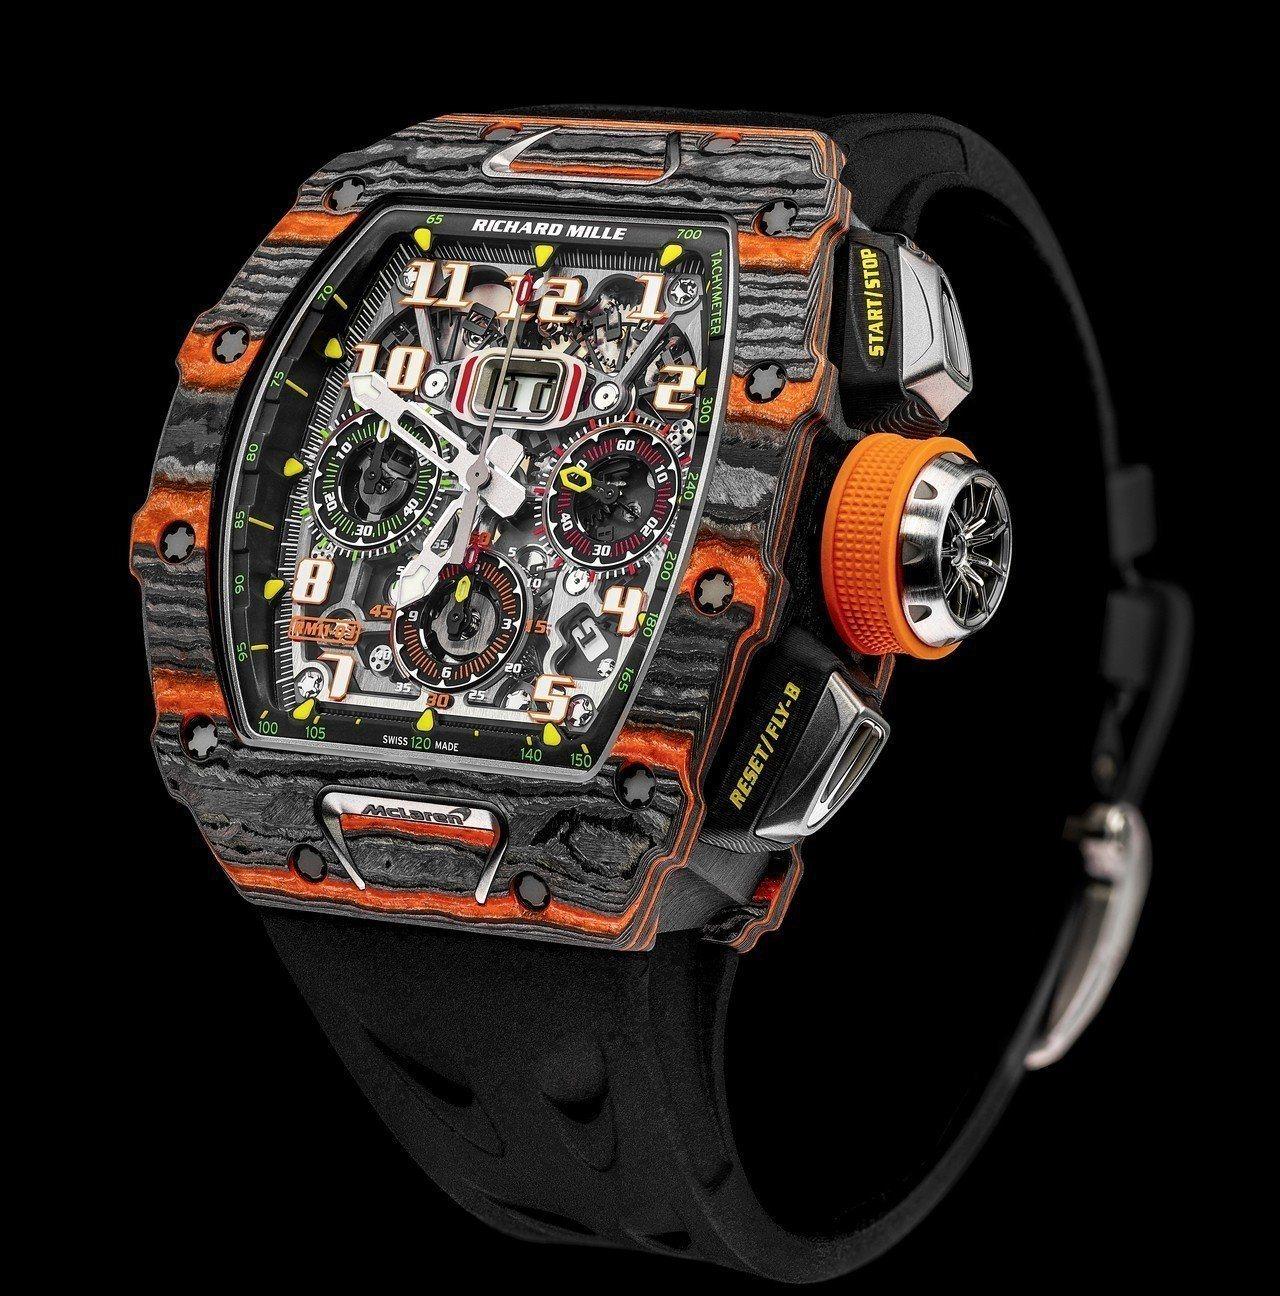 小奧德爾貝克漢配戴RM 11-03 McLaren自動飛返計時碼表,搭載RMAC...